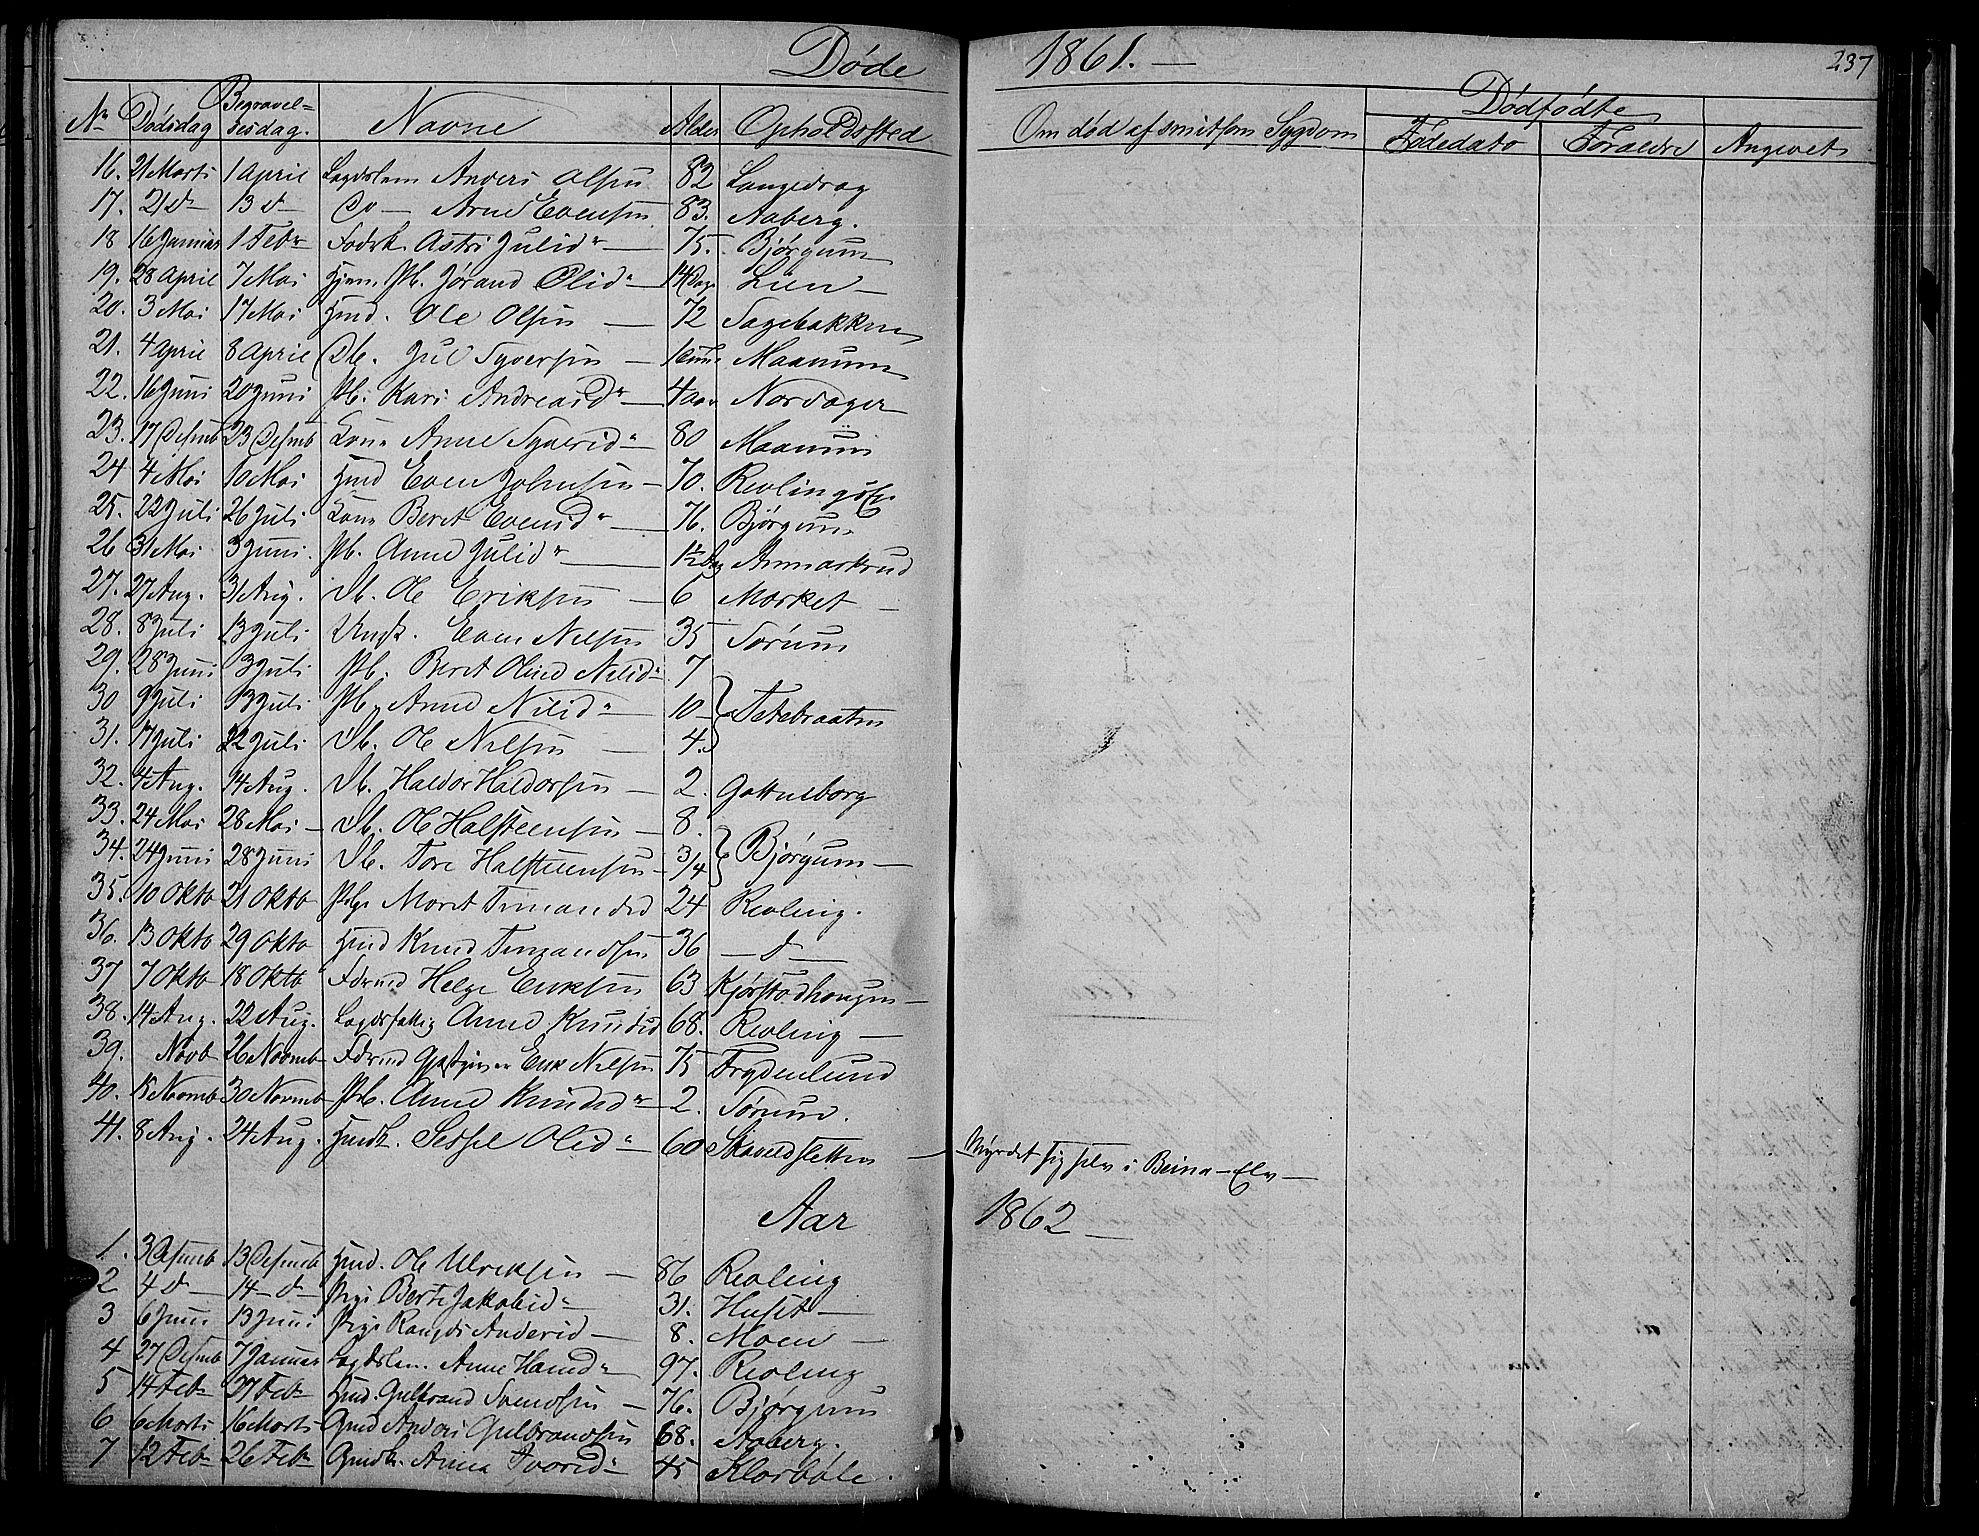 SAH, Nord-Aurdal prestekontor, Klokkerbok nr. 2, 1842-1877, s. 237